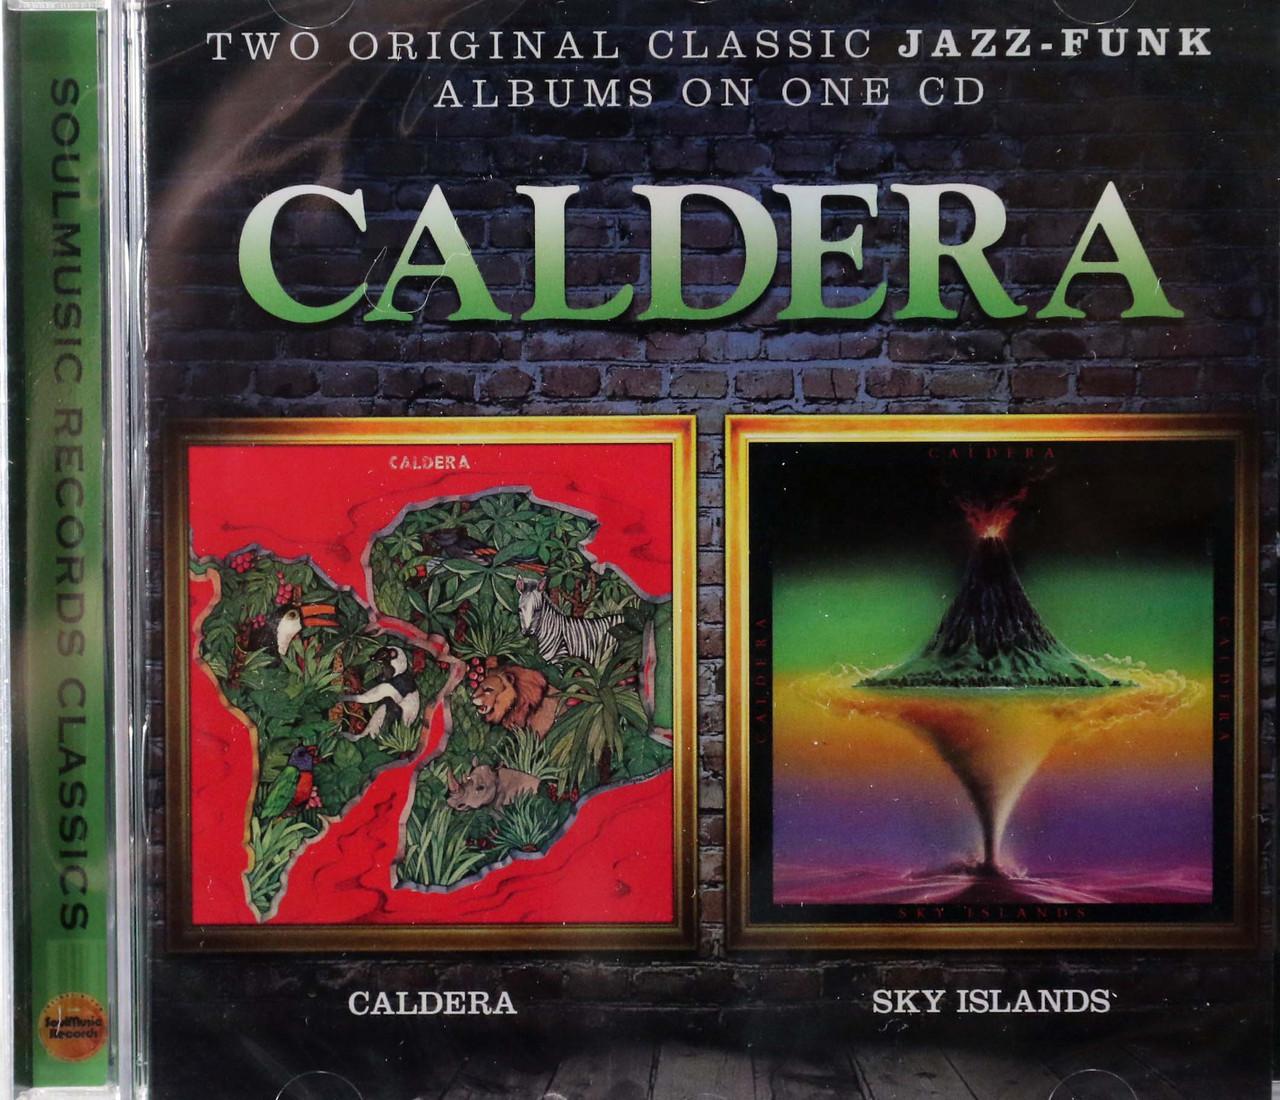 Caldera - same + Sky Islands on 1 cd